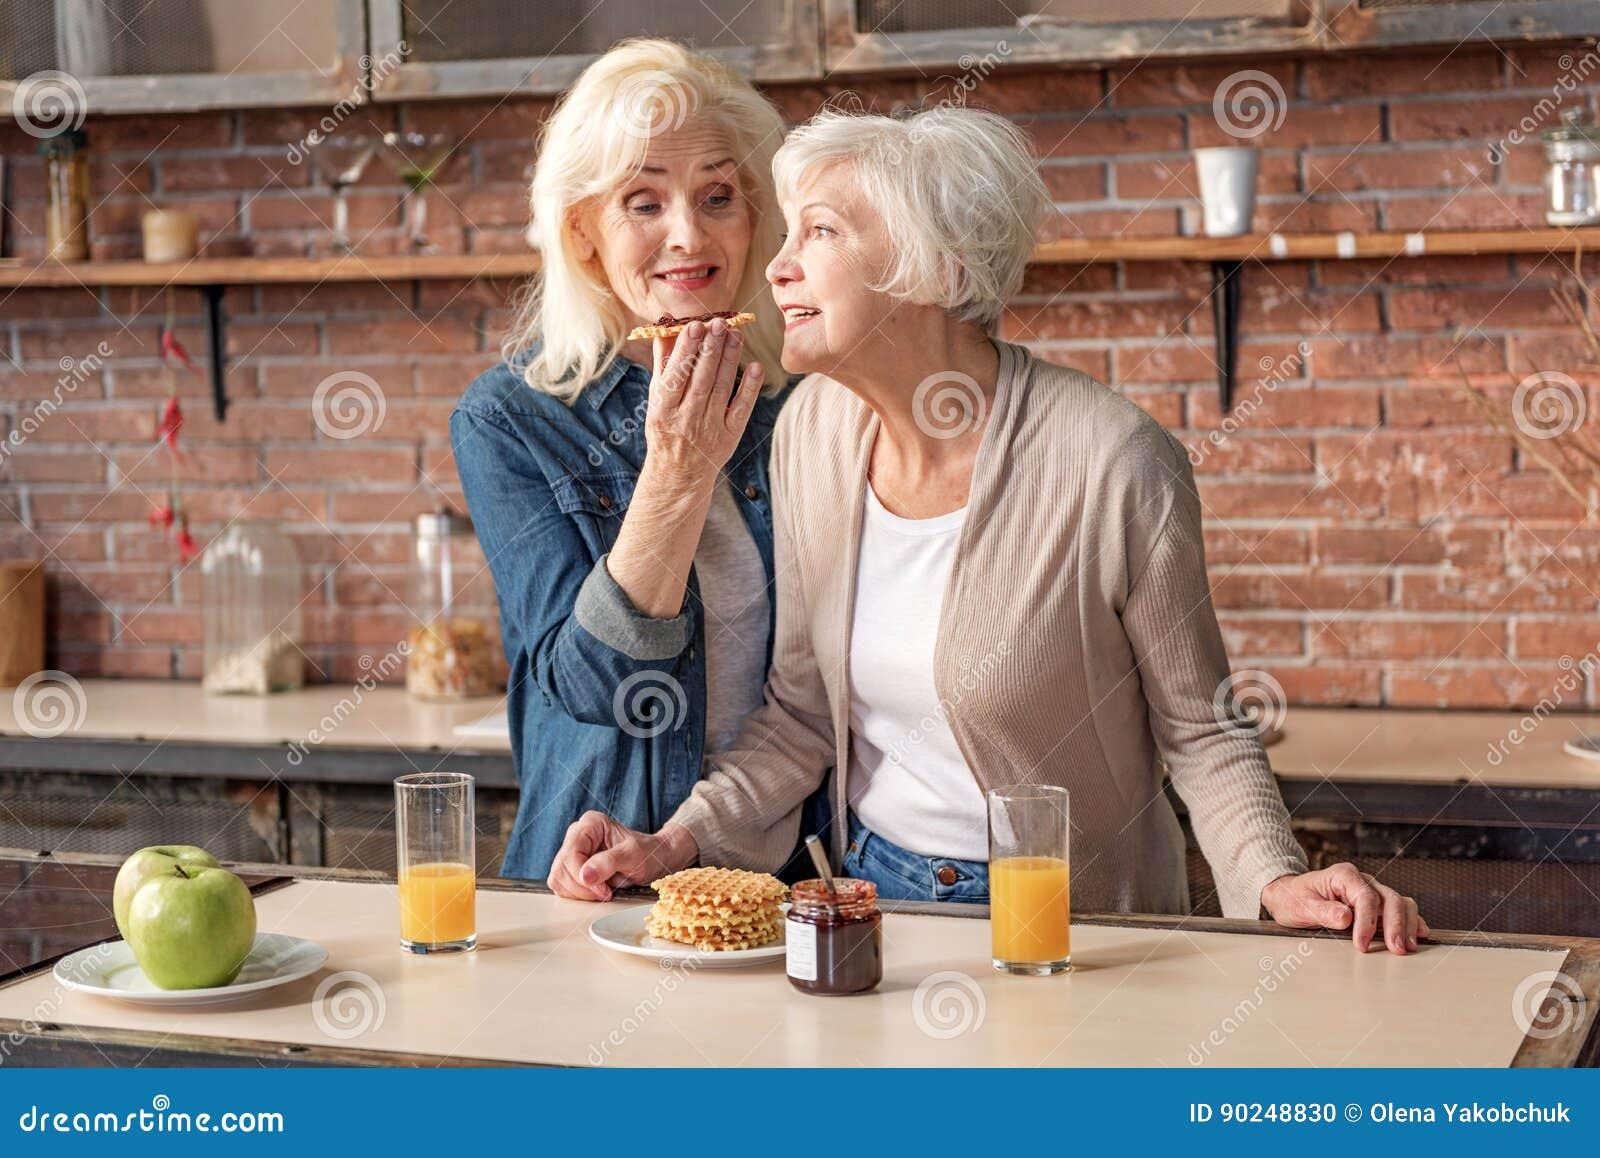 Photos of older mature ladies